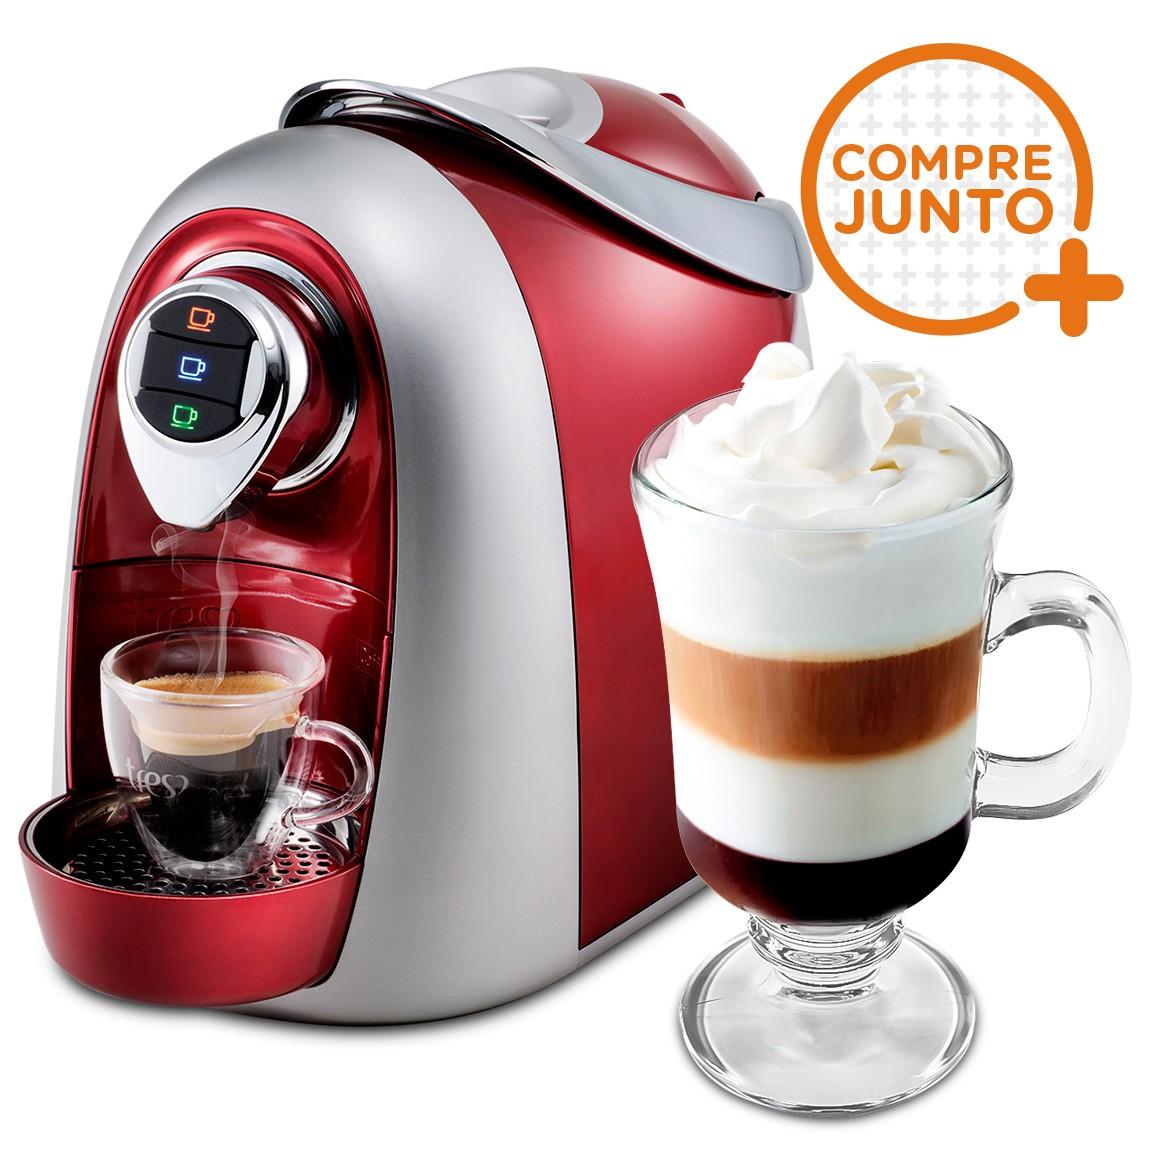 Cafeteira Expresso Três Corações Modo Vermelha 220v + 1 Taça de Café 250ml